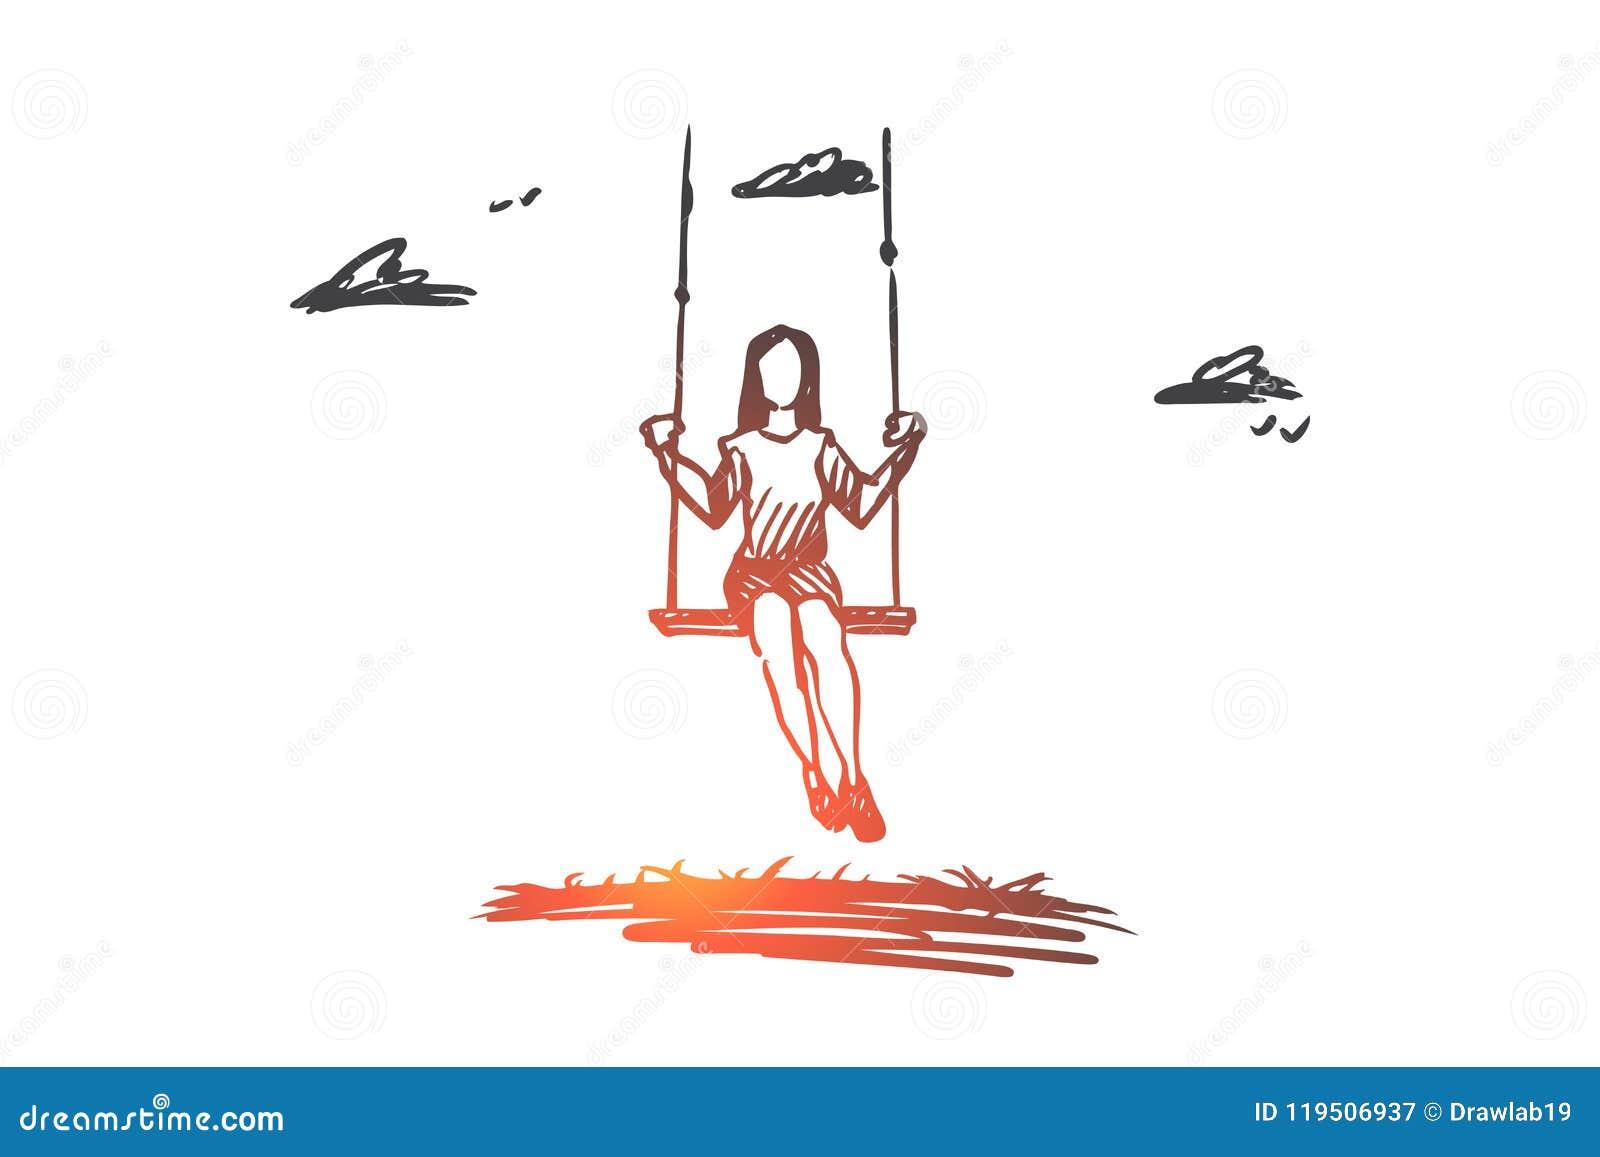 Flicka svänga som spelar, gyckel, aktivitetsbegrepp Hand dragen isolerad vektor